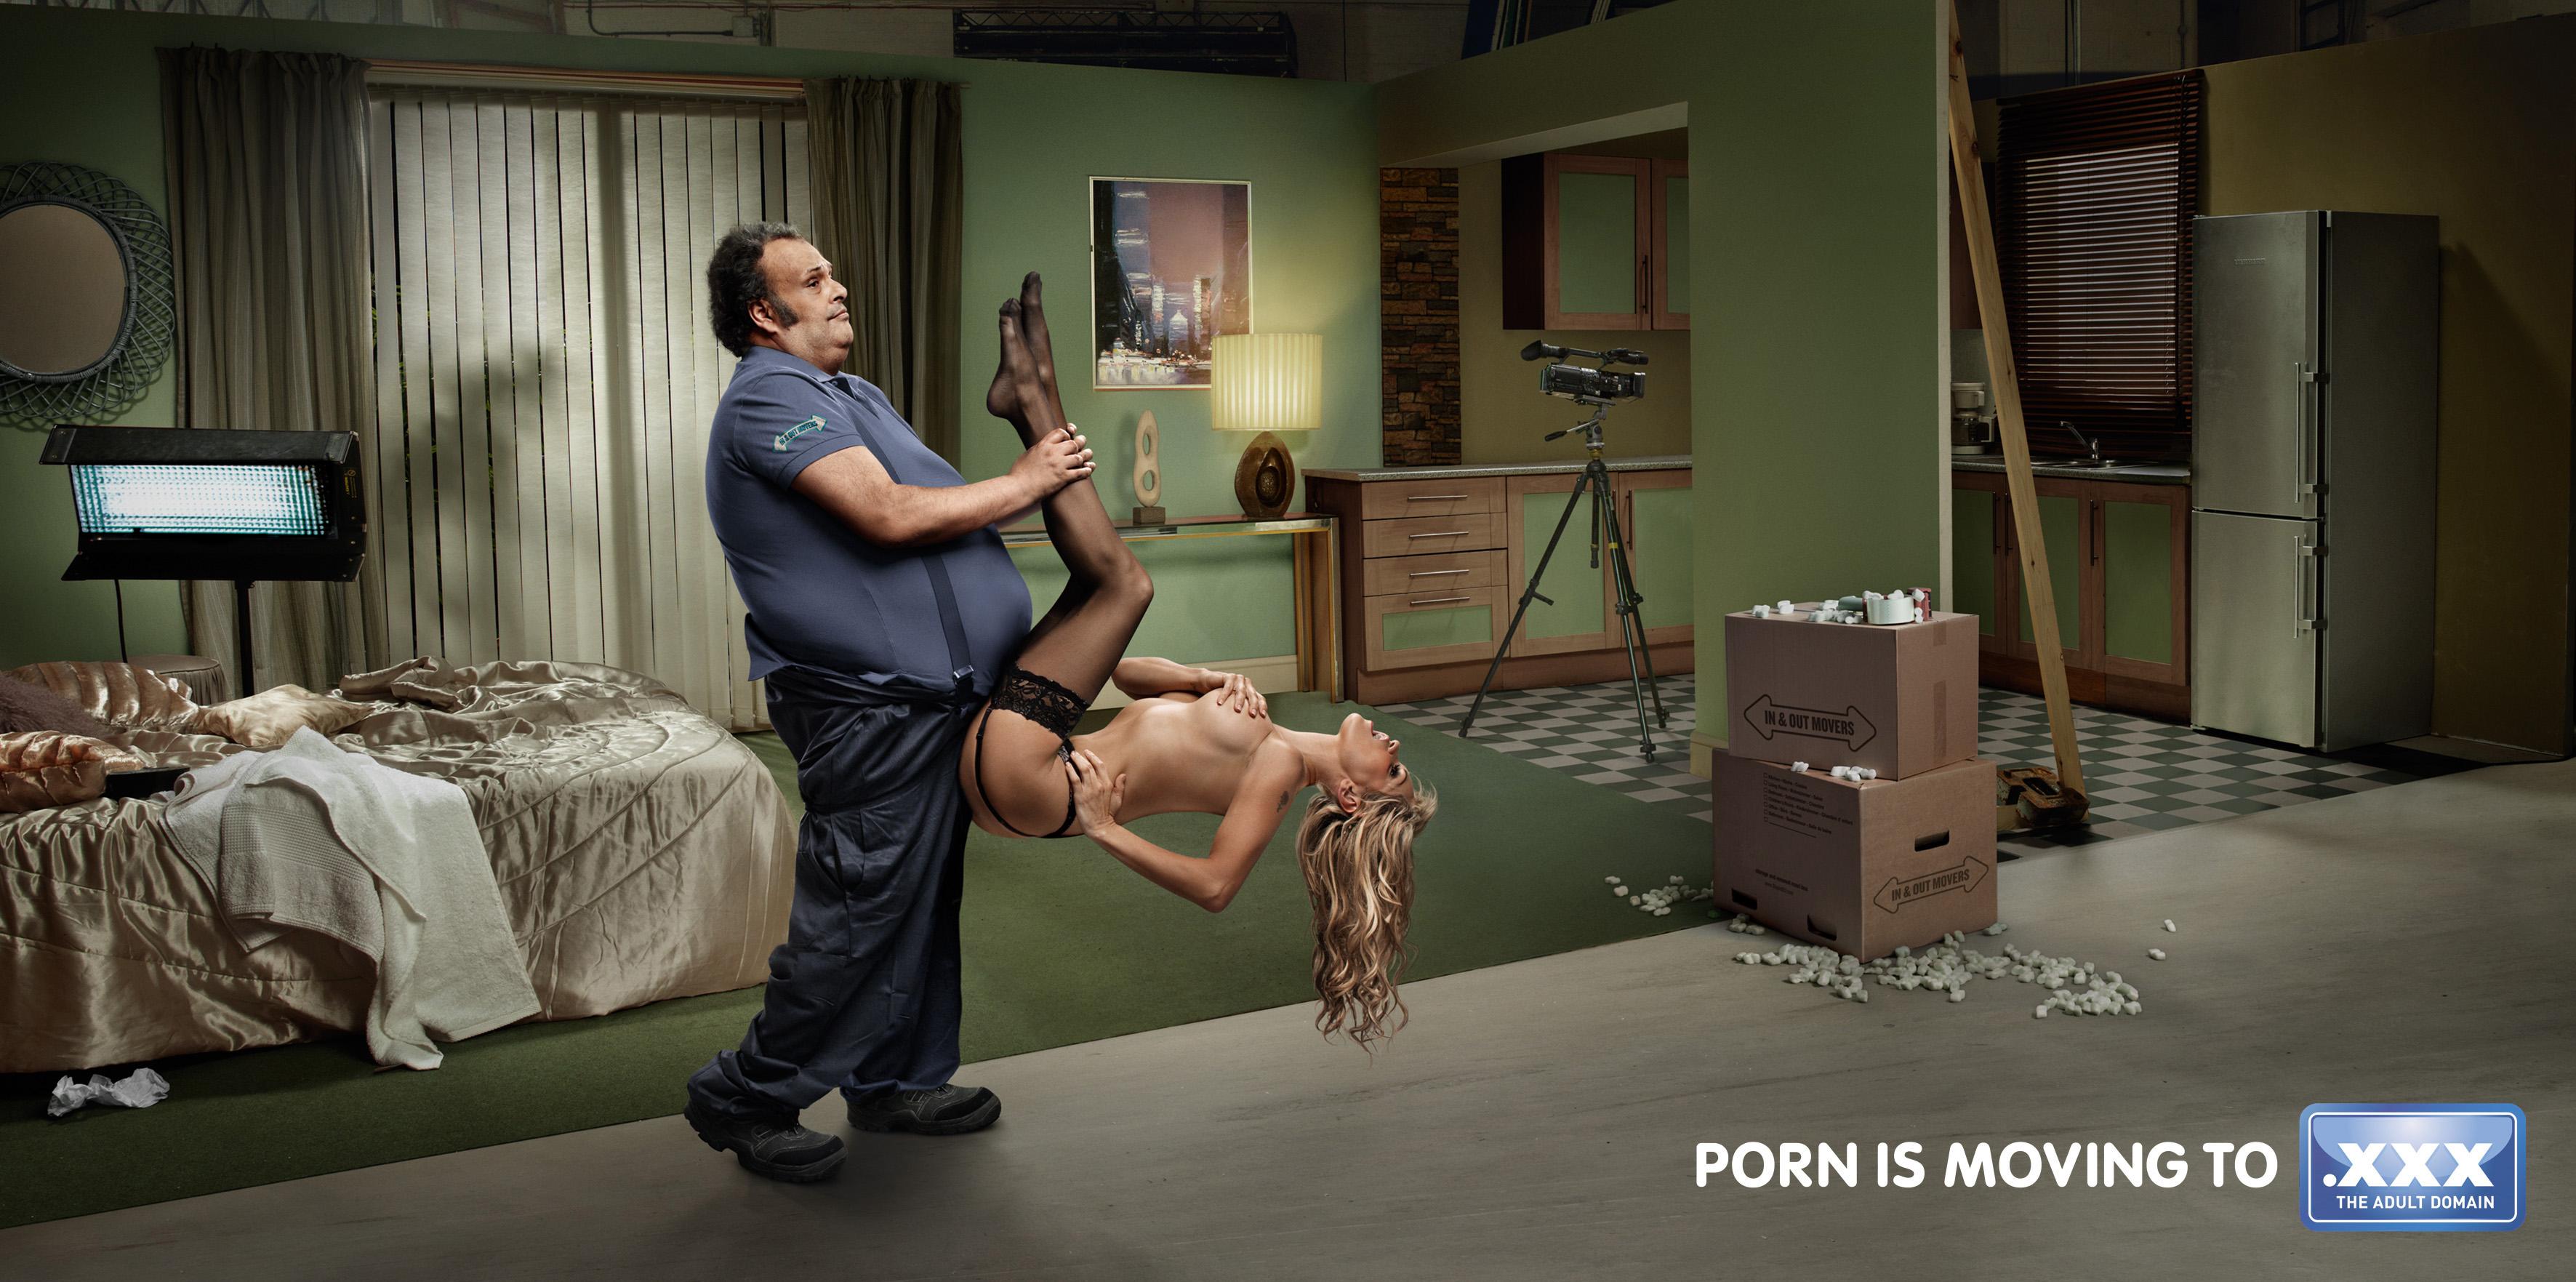 【エロ画像】海外のエロすぎる広告素材マジで丸出しすぎwwwコレは18禁やろwwwwwwwwwwww・28枚目